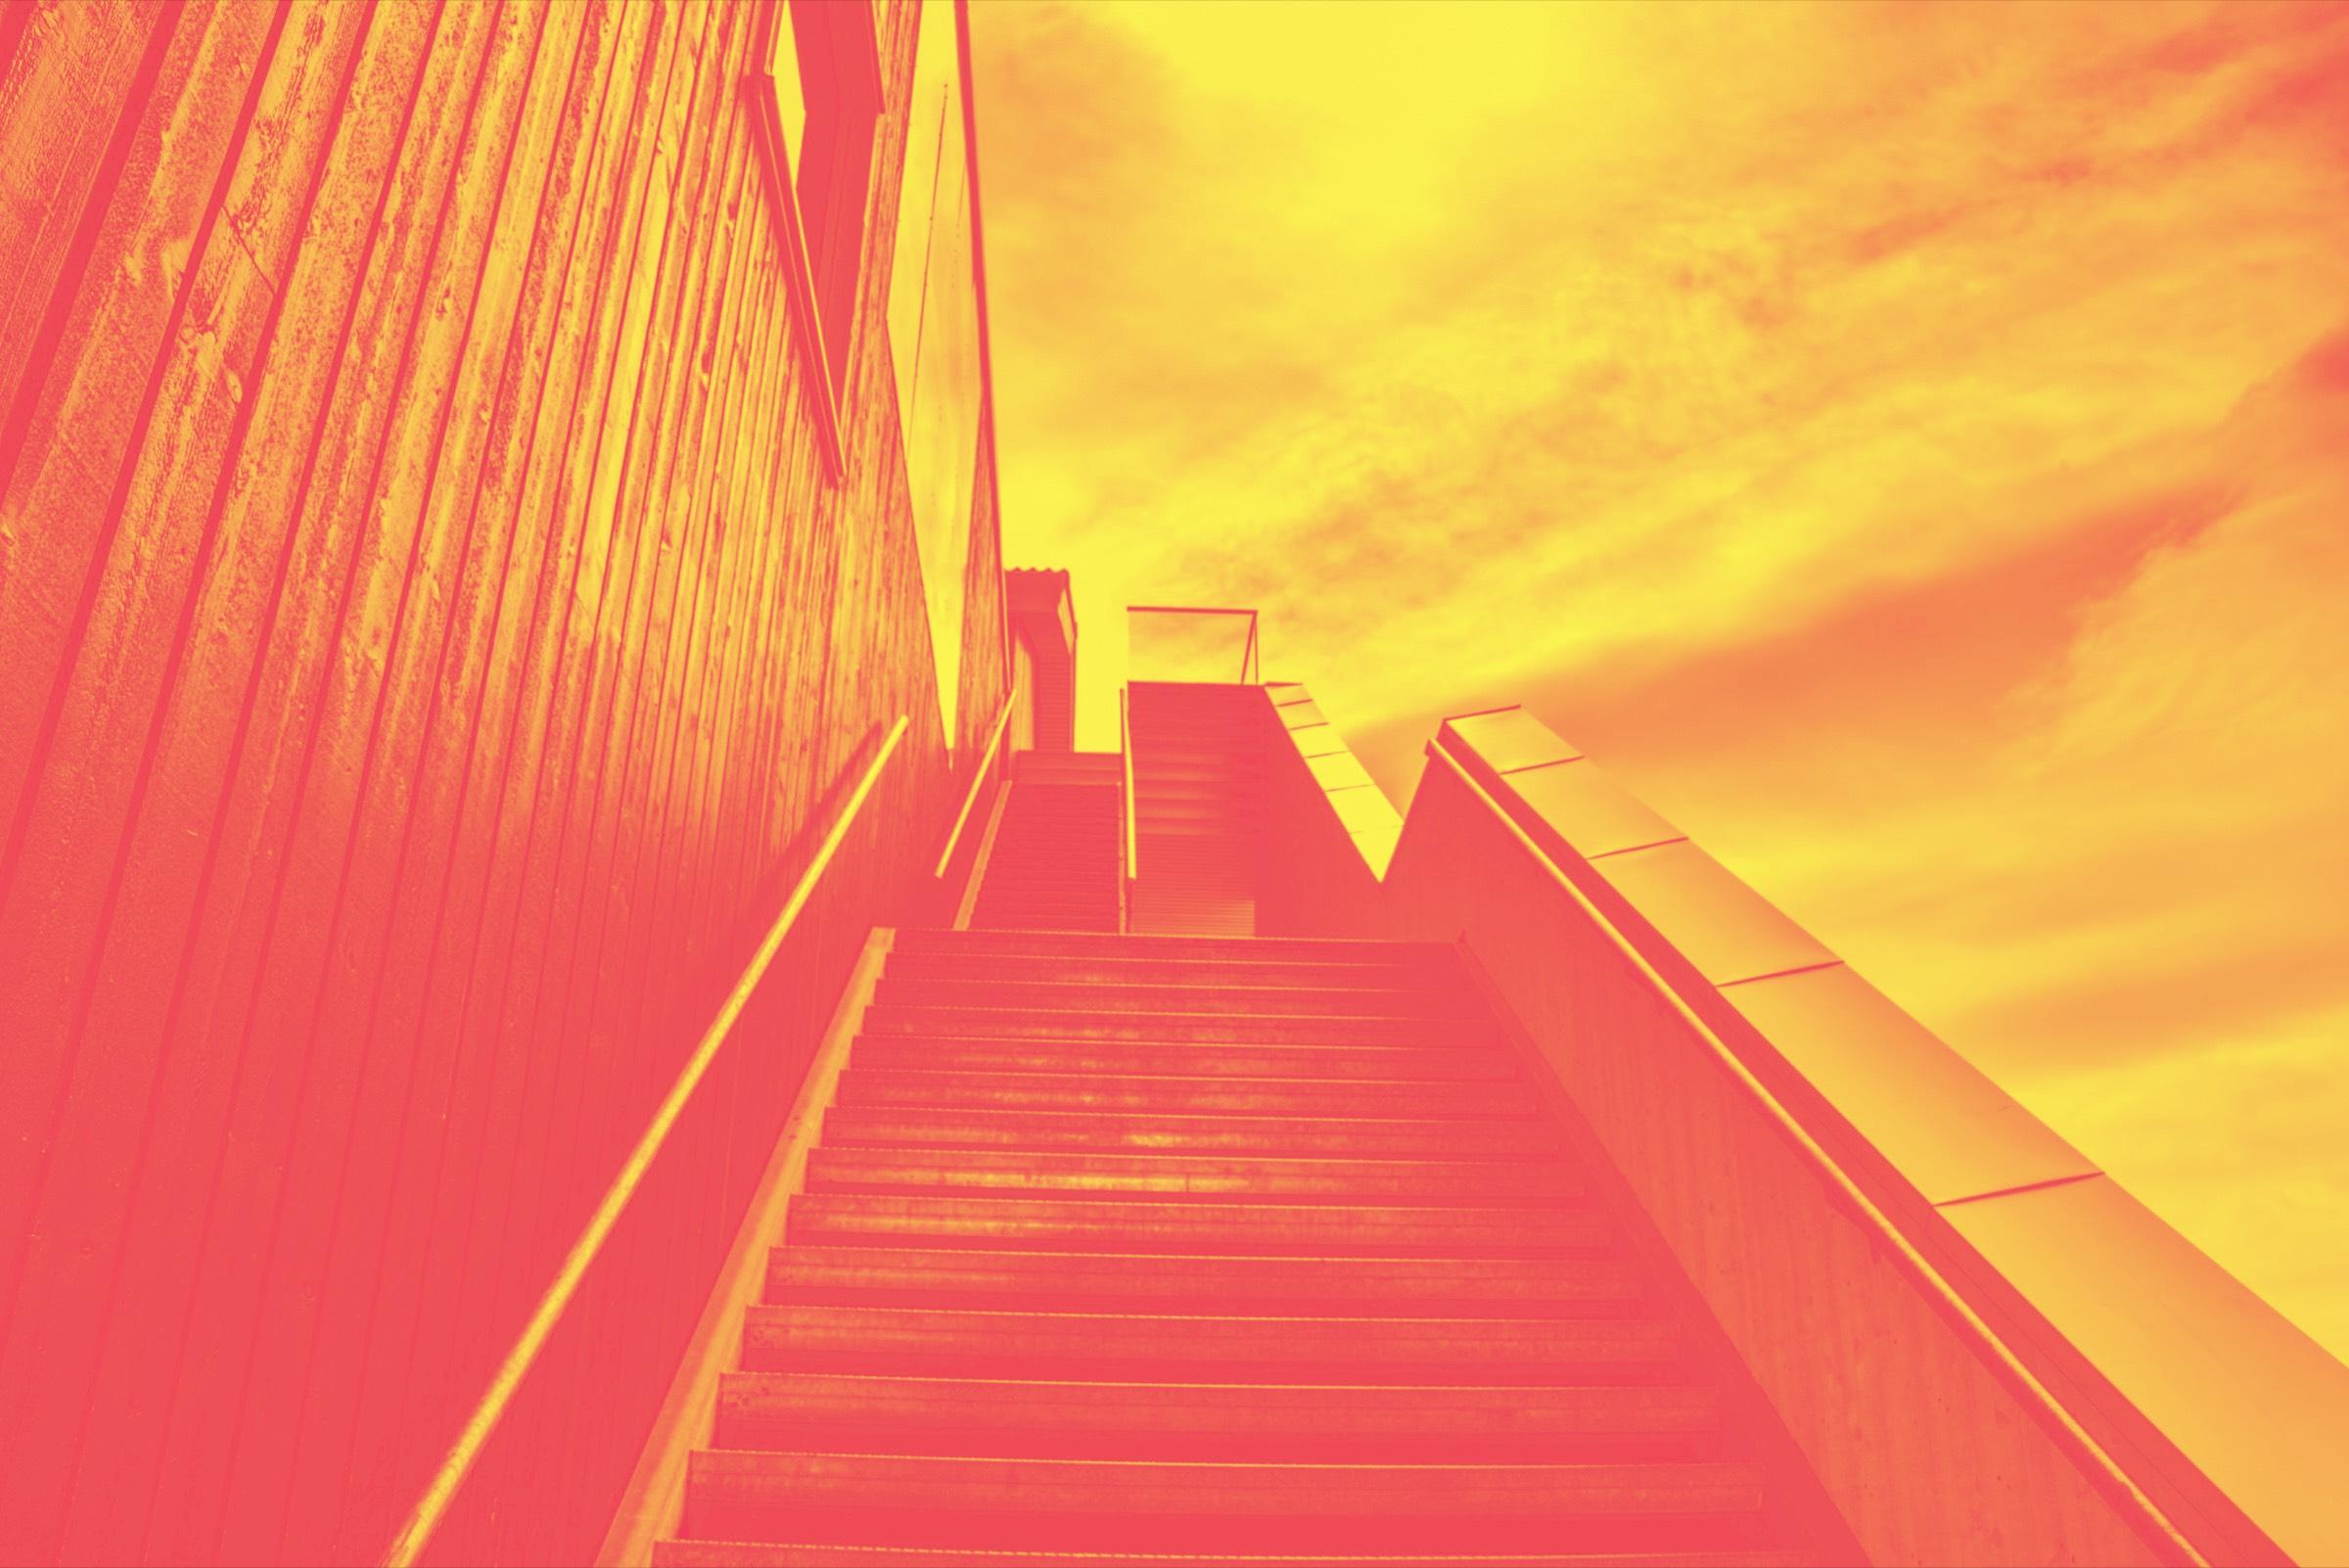 Treppe, die seitlich an einem Gebäude hinaufführt. Gelb-rotes Duotone-Bild.